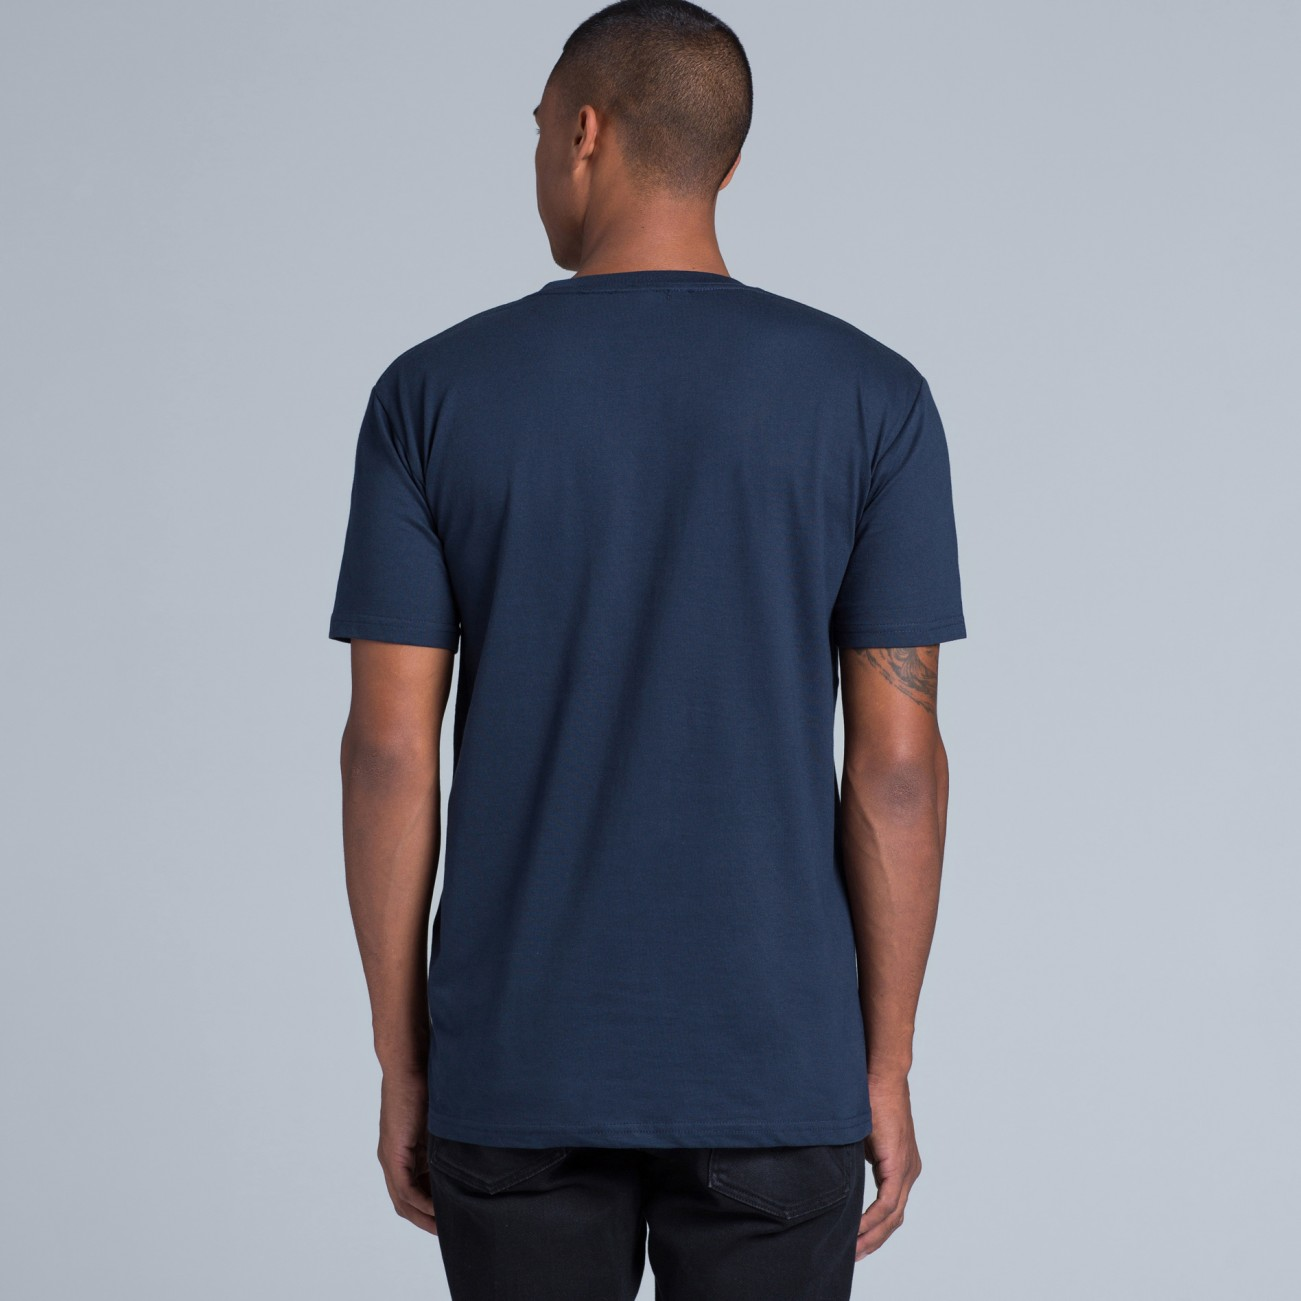 Shirt design nz - Mens Staple Tee